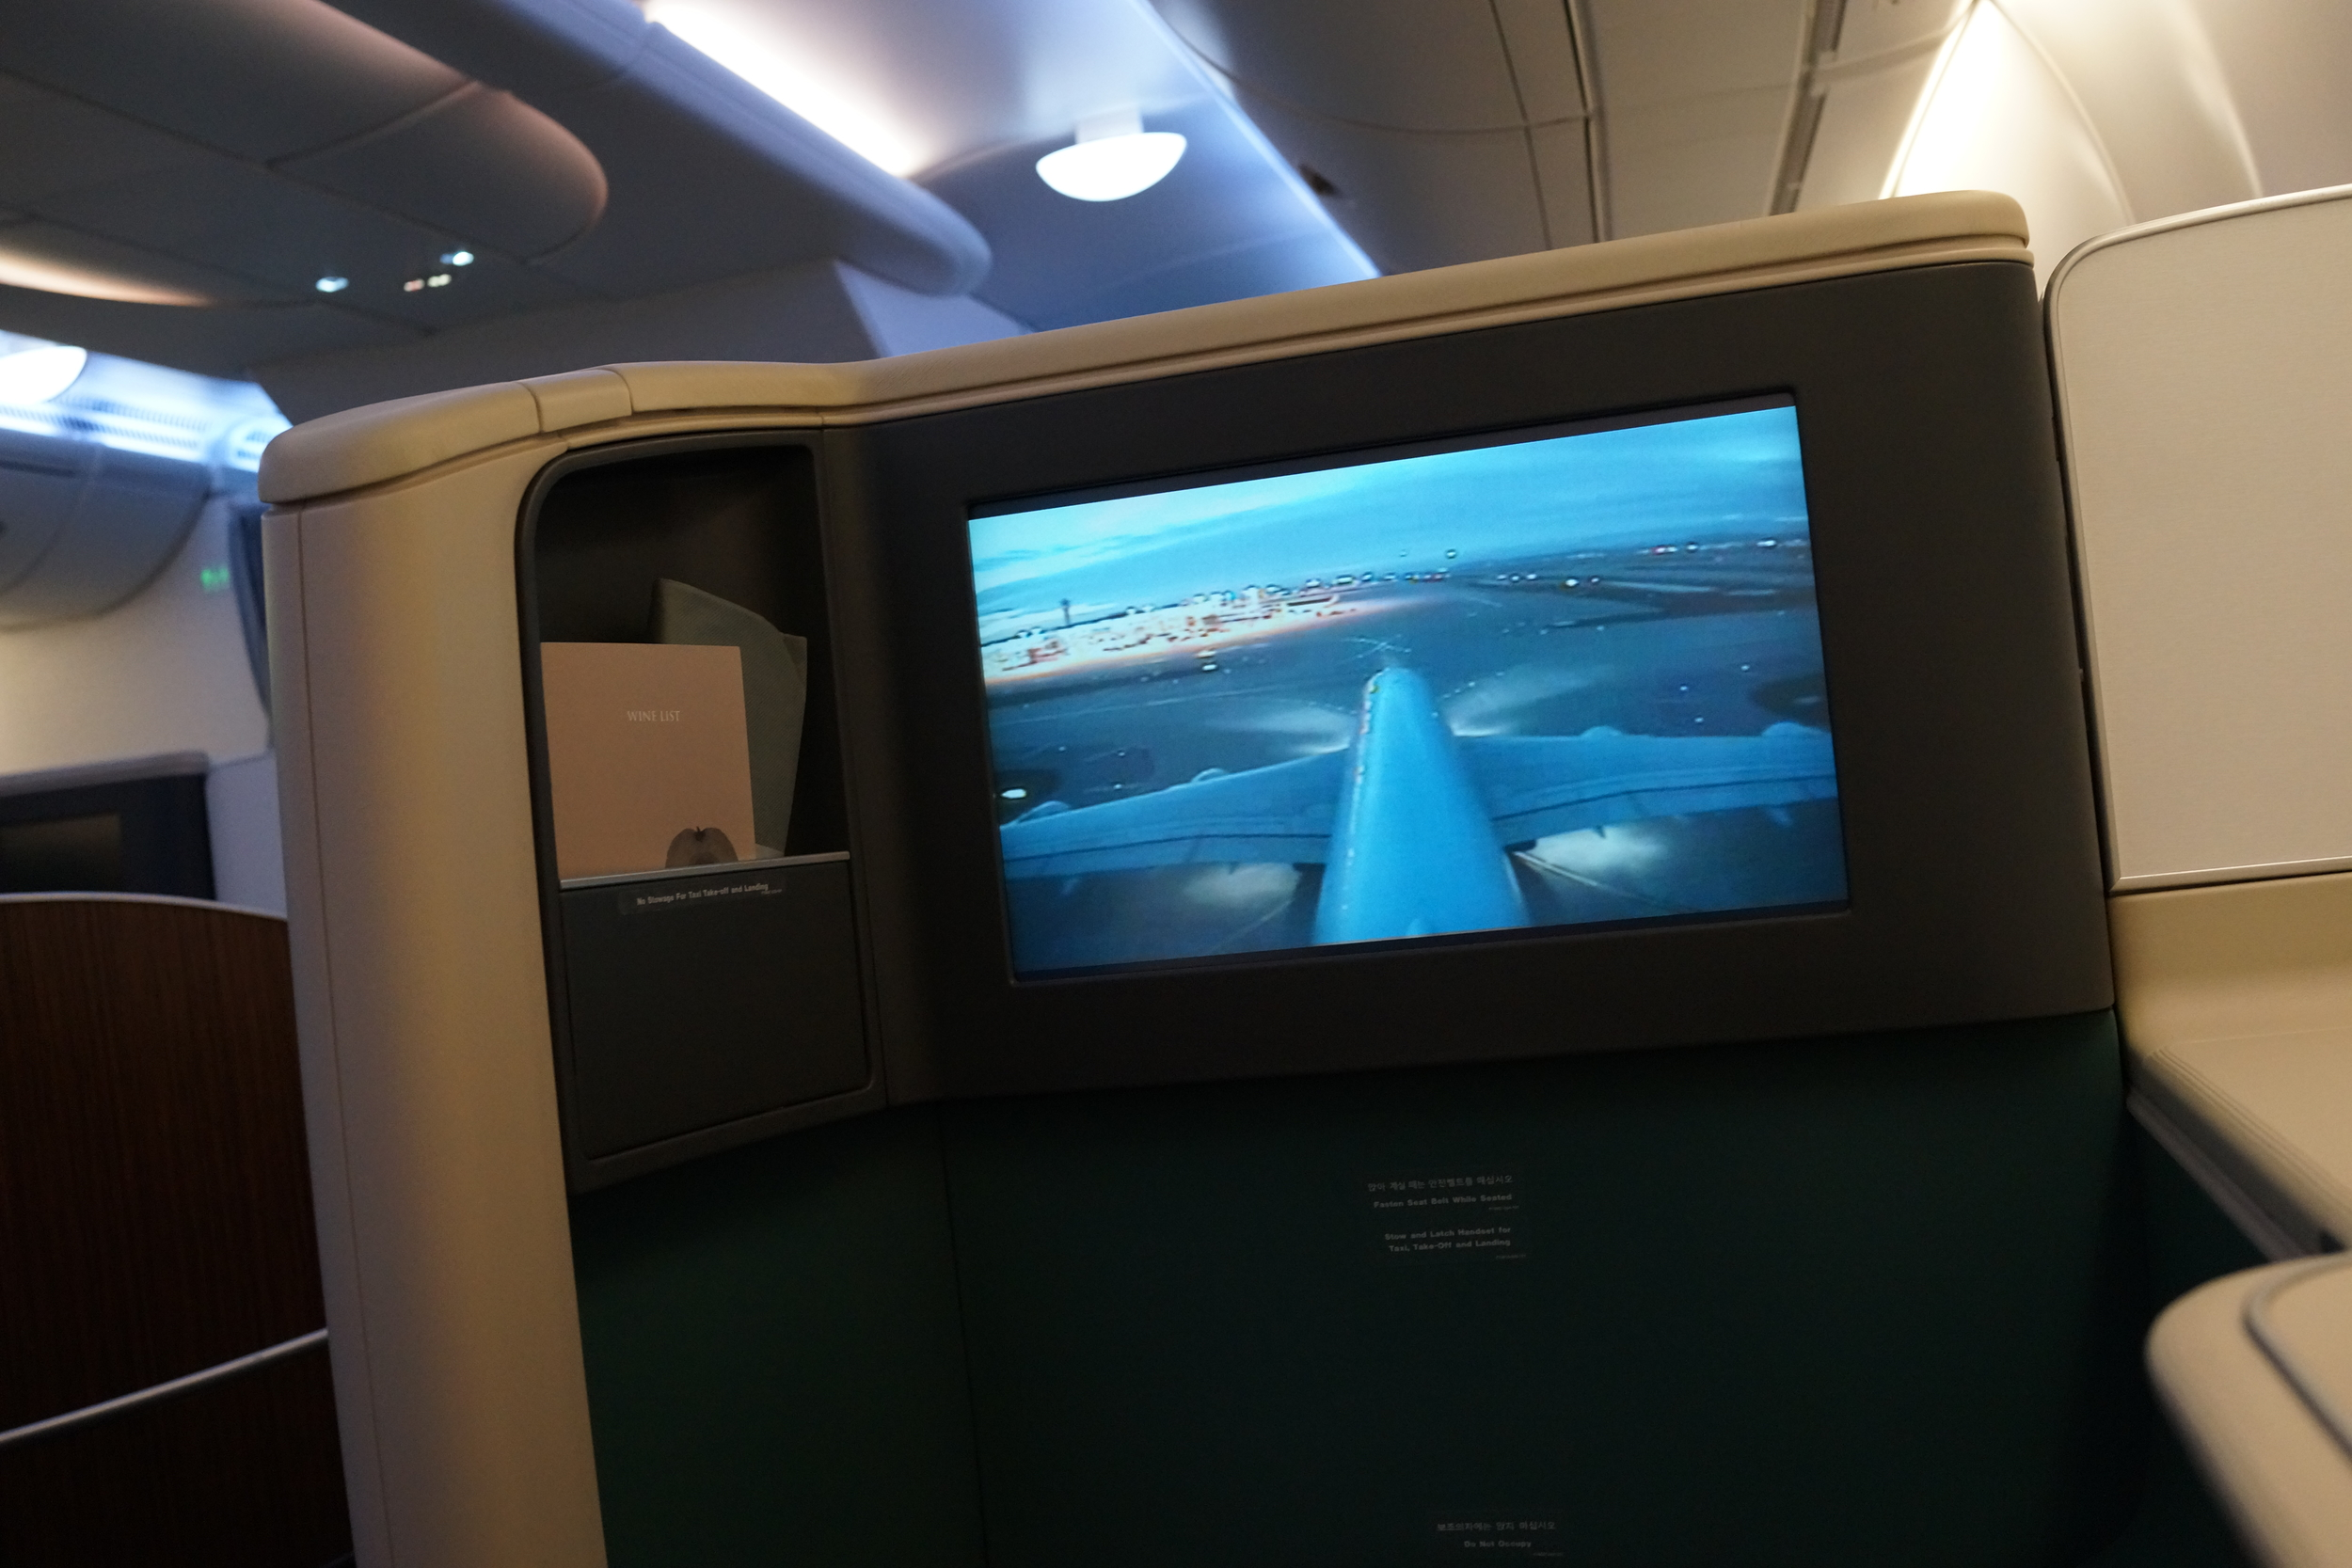 Korean Air First Class, A380